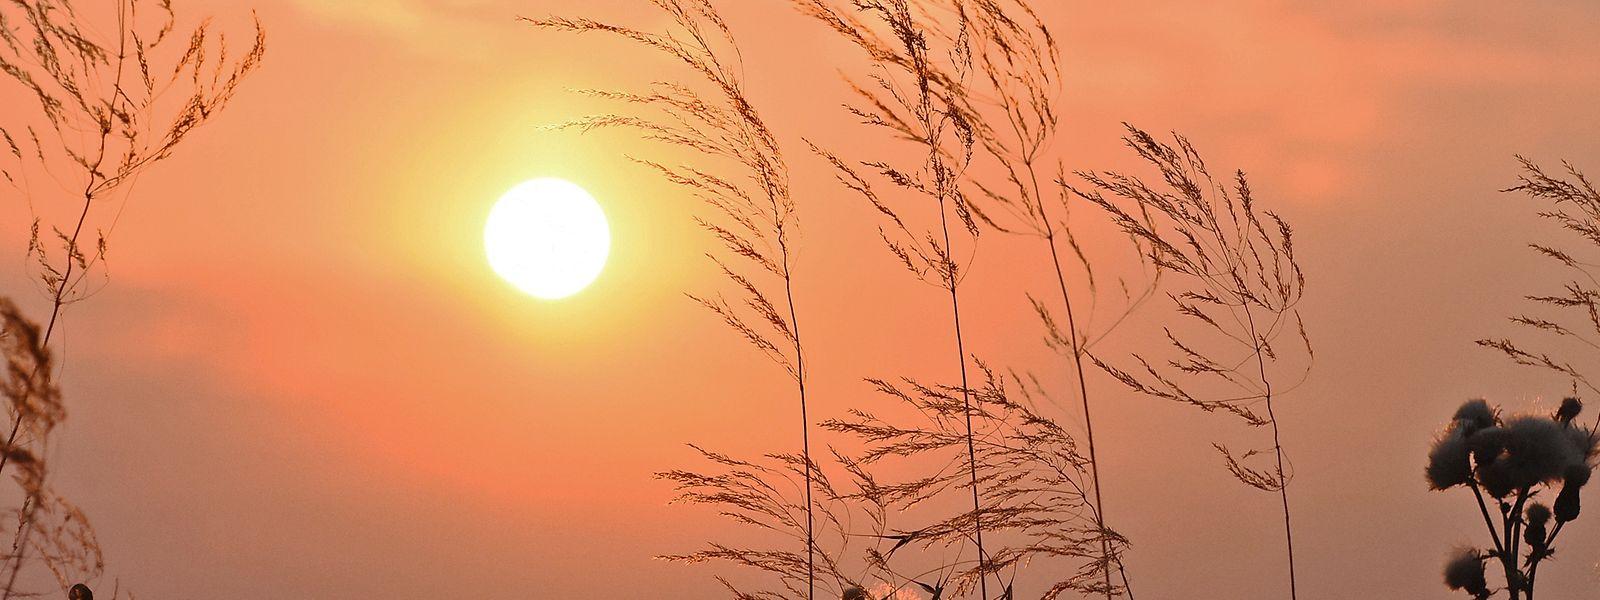 Sonnenuntergang in Ettelbrück: Mit den scheinbar ewig währenden lauen Sommernächten wäre es bei einer Beibehaltung der Winterzeit vorbei.